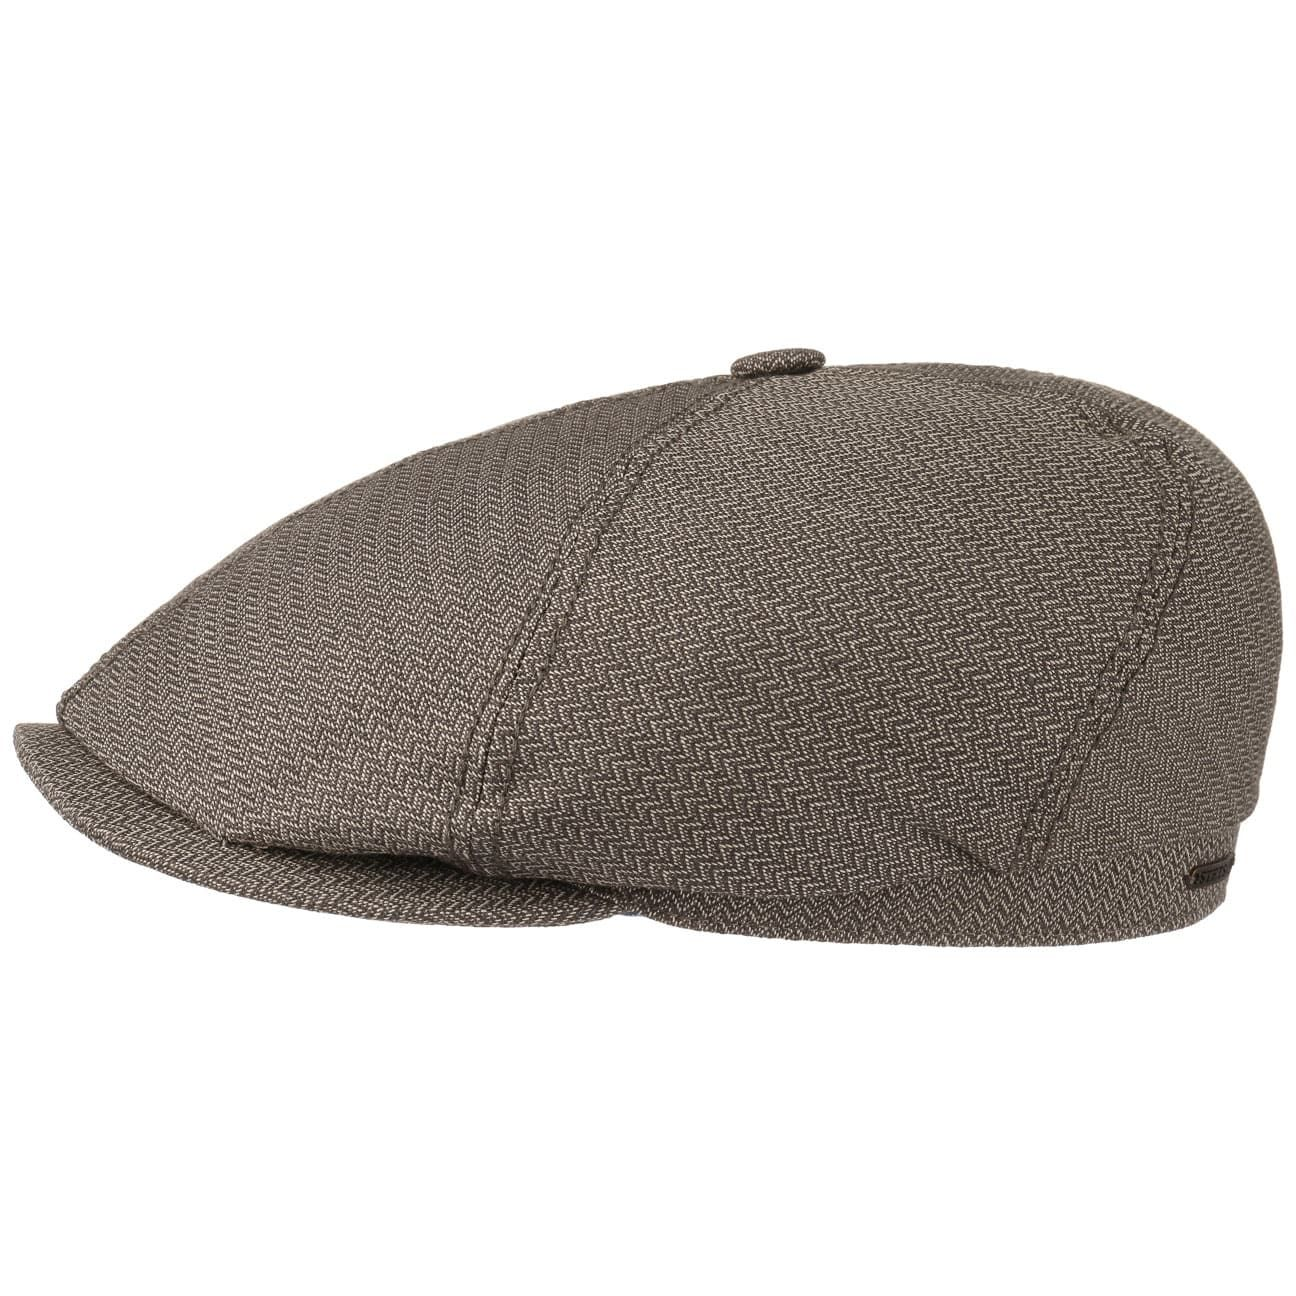 Stetson Brooklin Zigzag Flat Cap Men Made in The EU